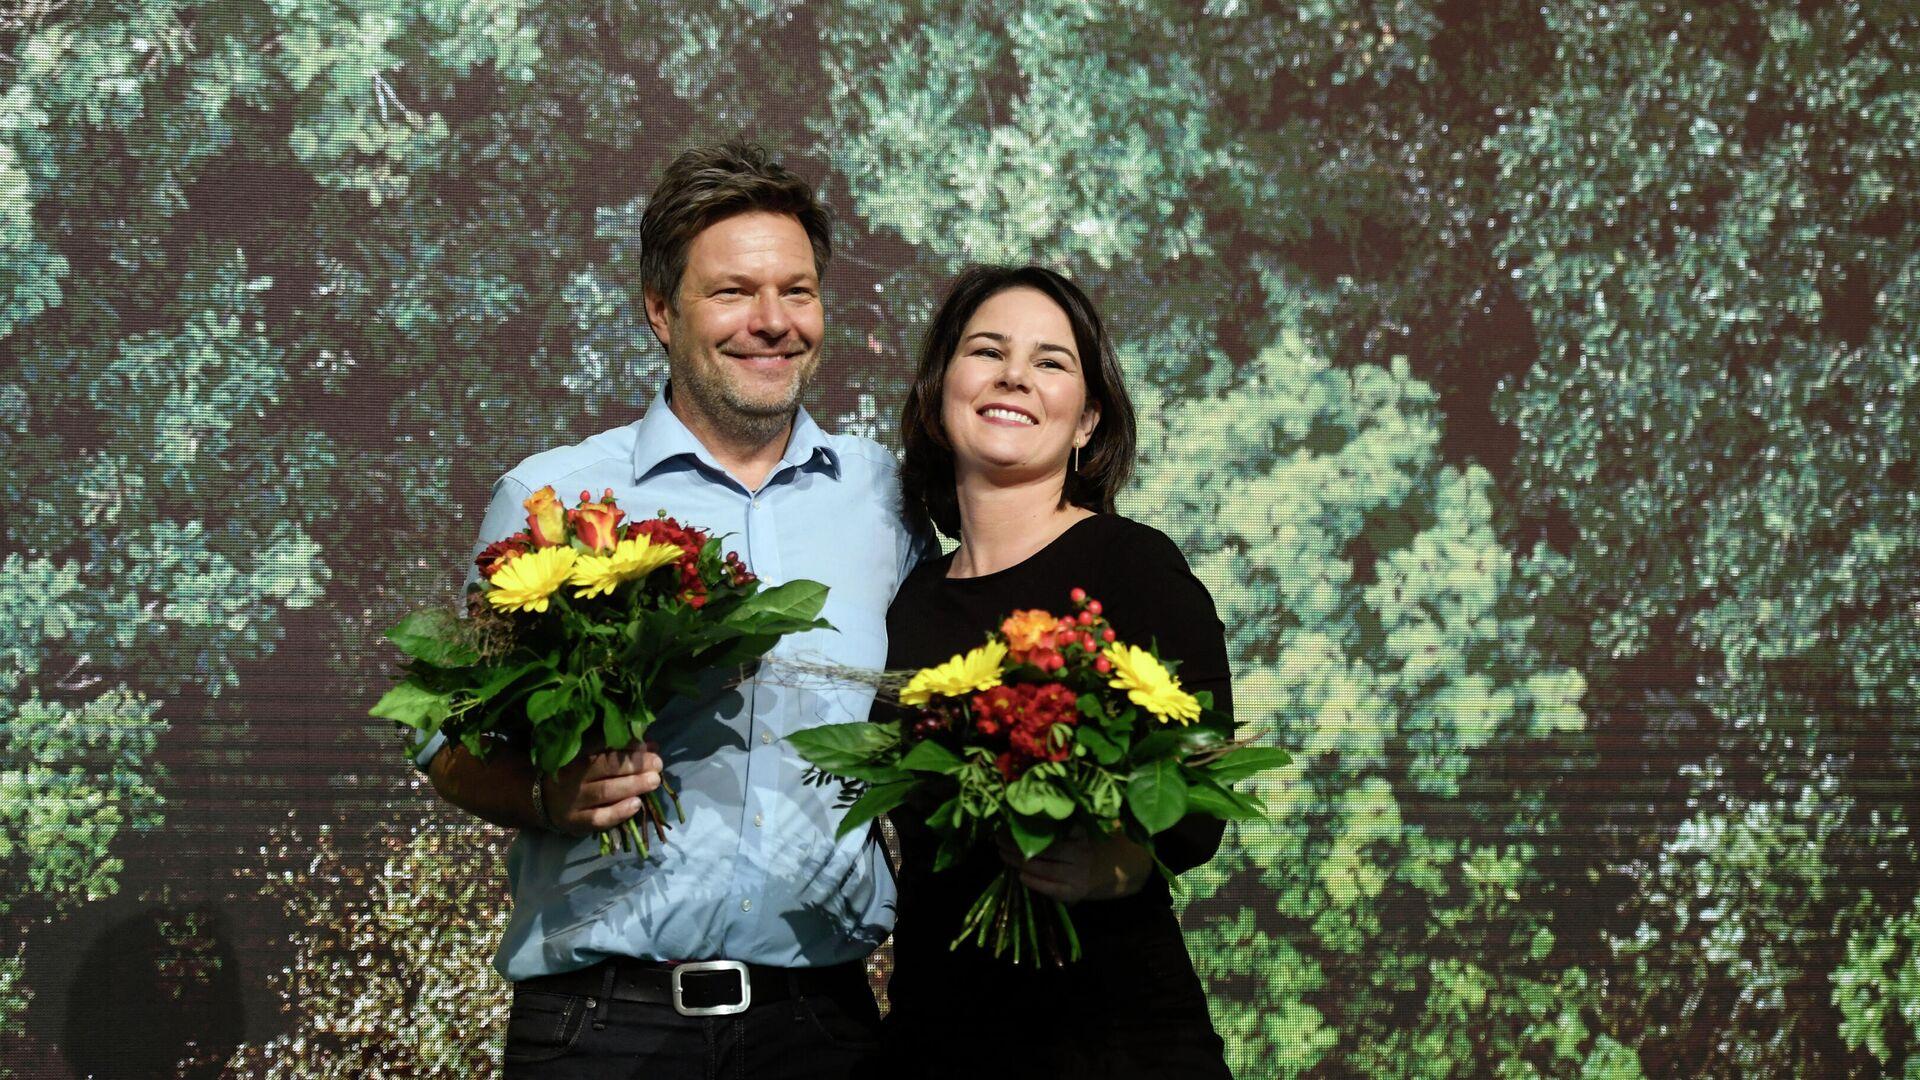 Annalena Baerbock und Robert Habeck feiern nach ihrer Wiederwahl als Parteichefs der Grünen, den 16. November 2019.  - SNA, 1920, 17.02.2021